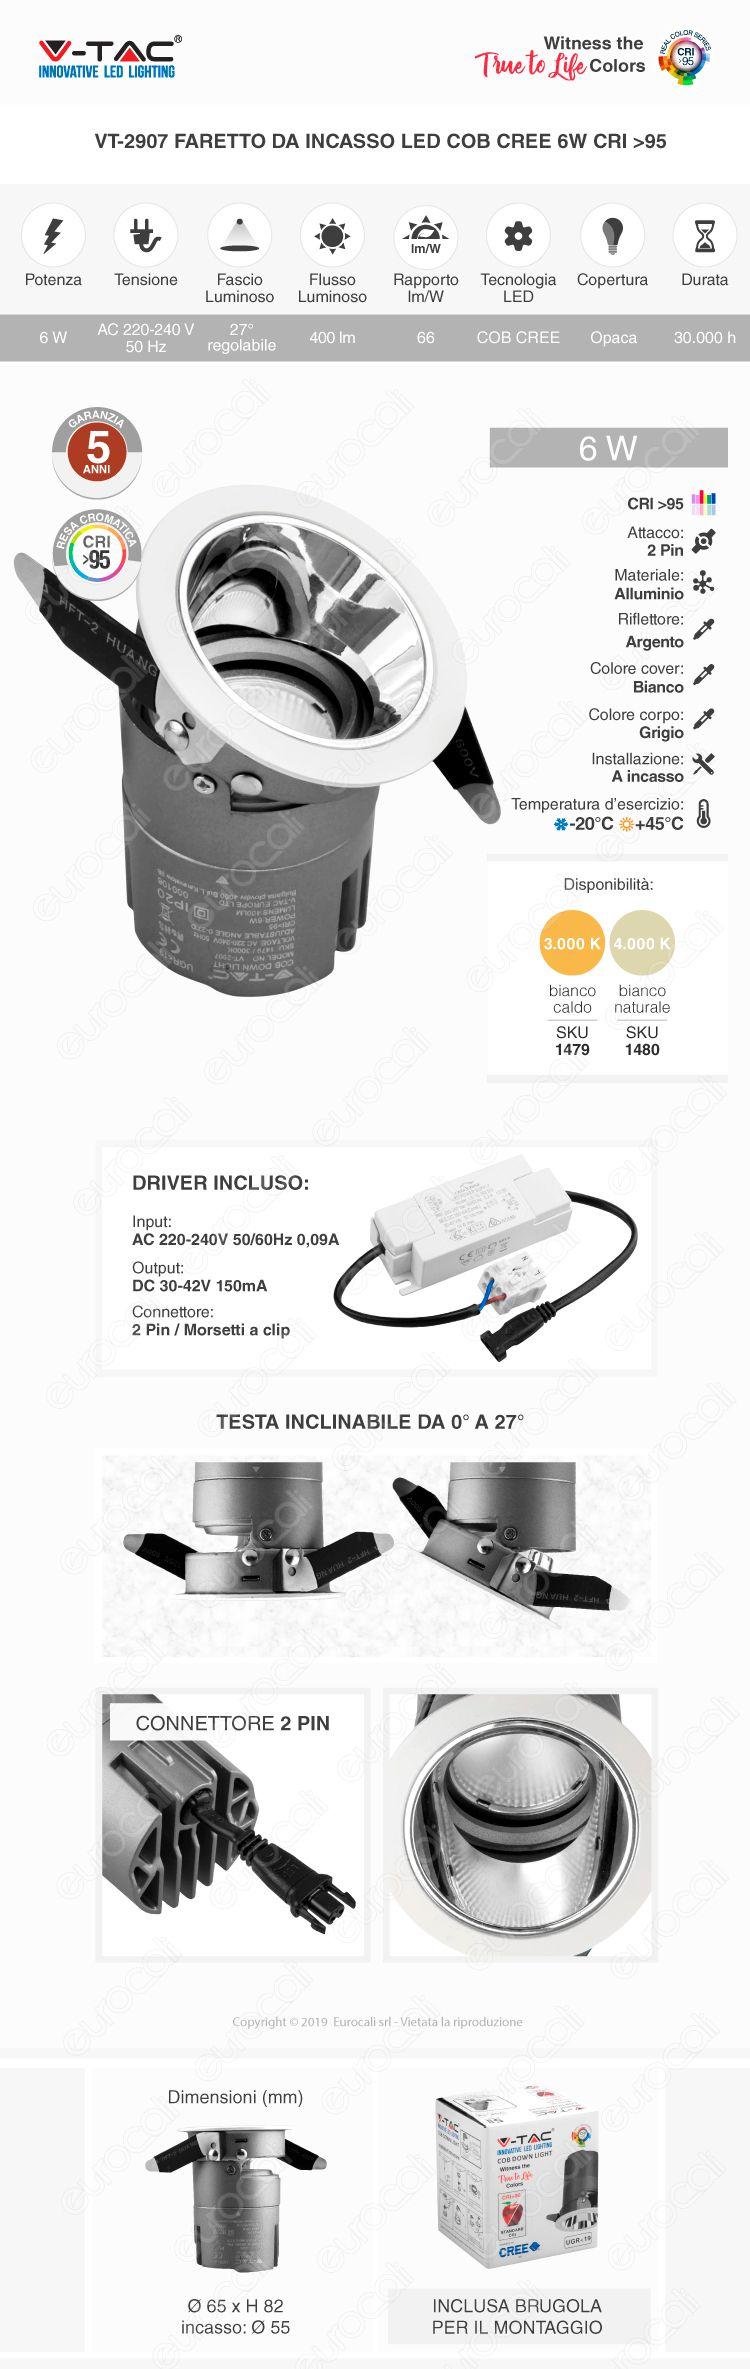 V-Tac VT-2907 Faretto LED da Incasso Rotondo e Orientabile COB CREE 6W CRI≥95